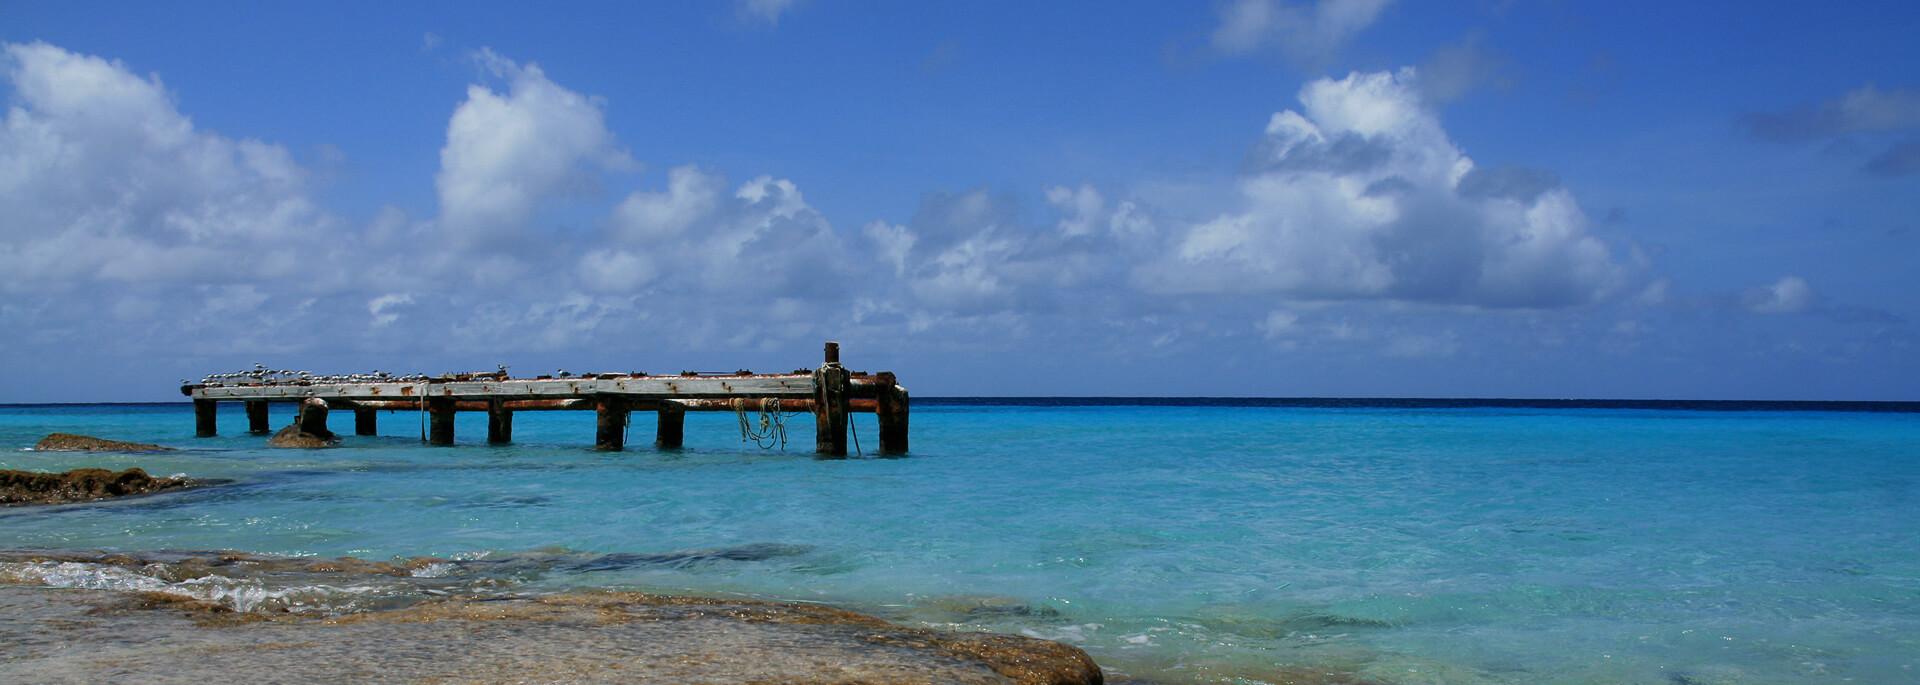 Fotos: Curacao am und unter Wasser